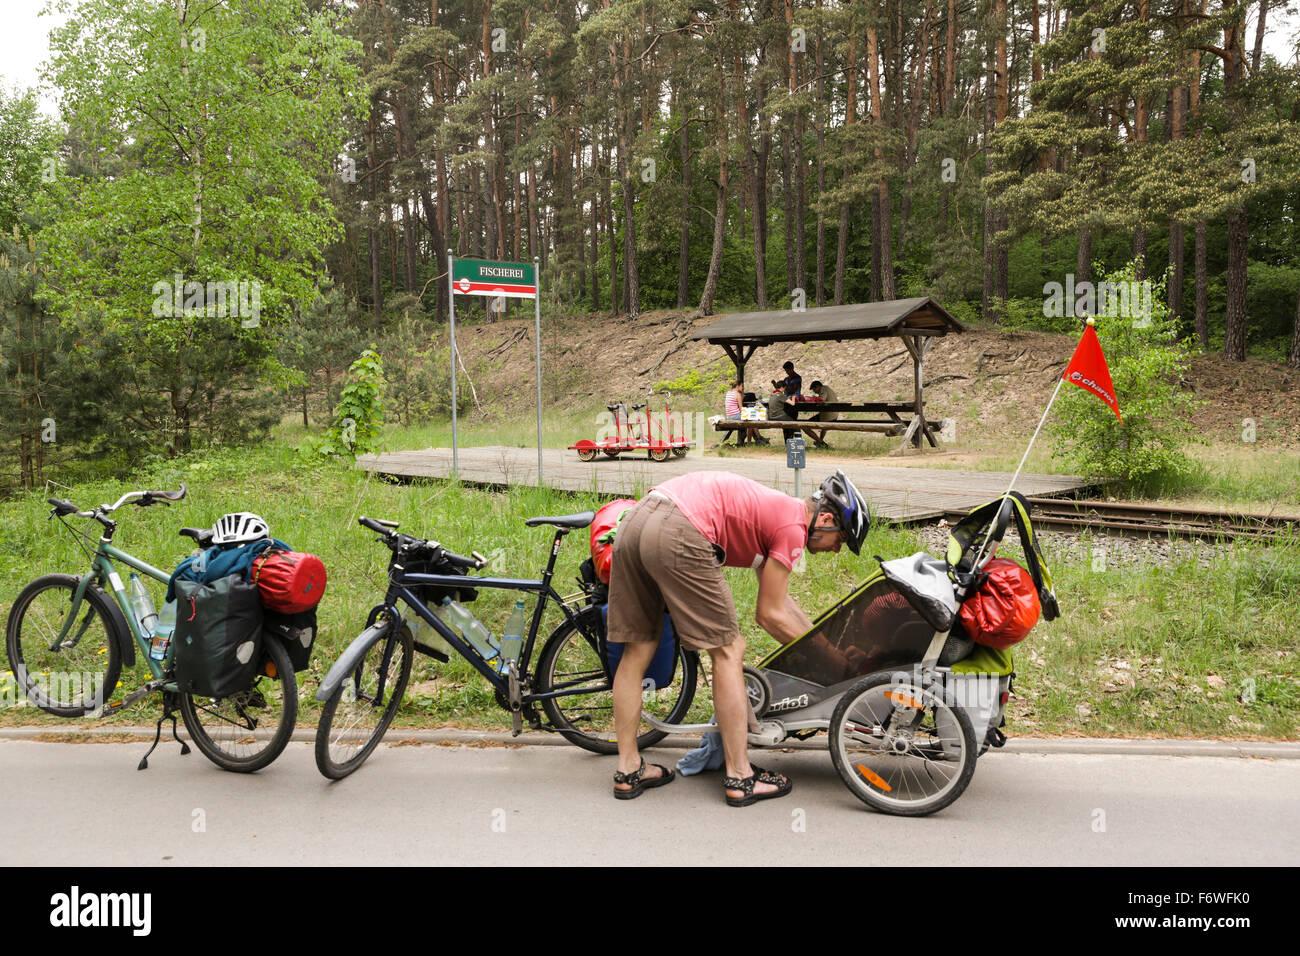 Radfahrer, die Ruhe in der Nähe von Draisine Bahnhof in der Nähe von Himmelpfort, Uckermärkischen Stockbild